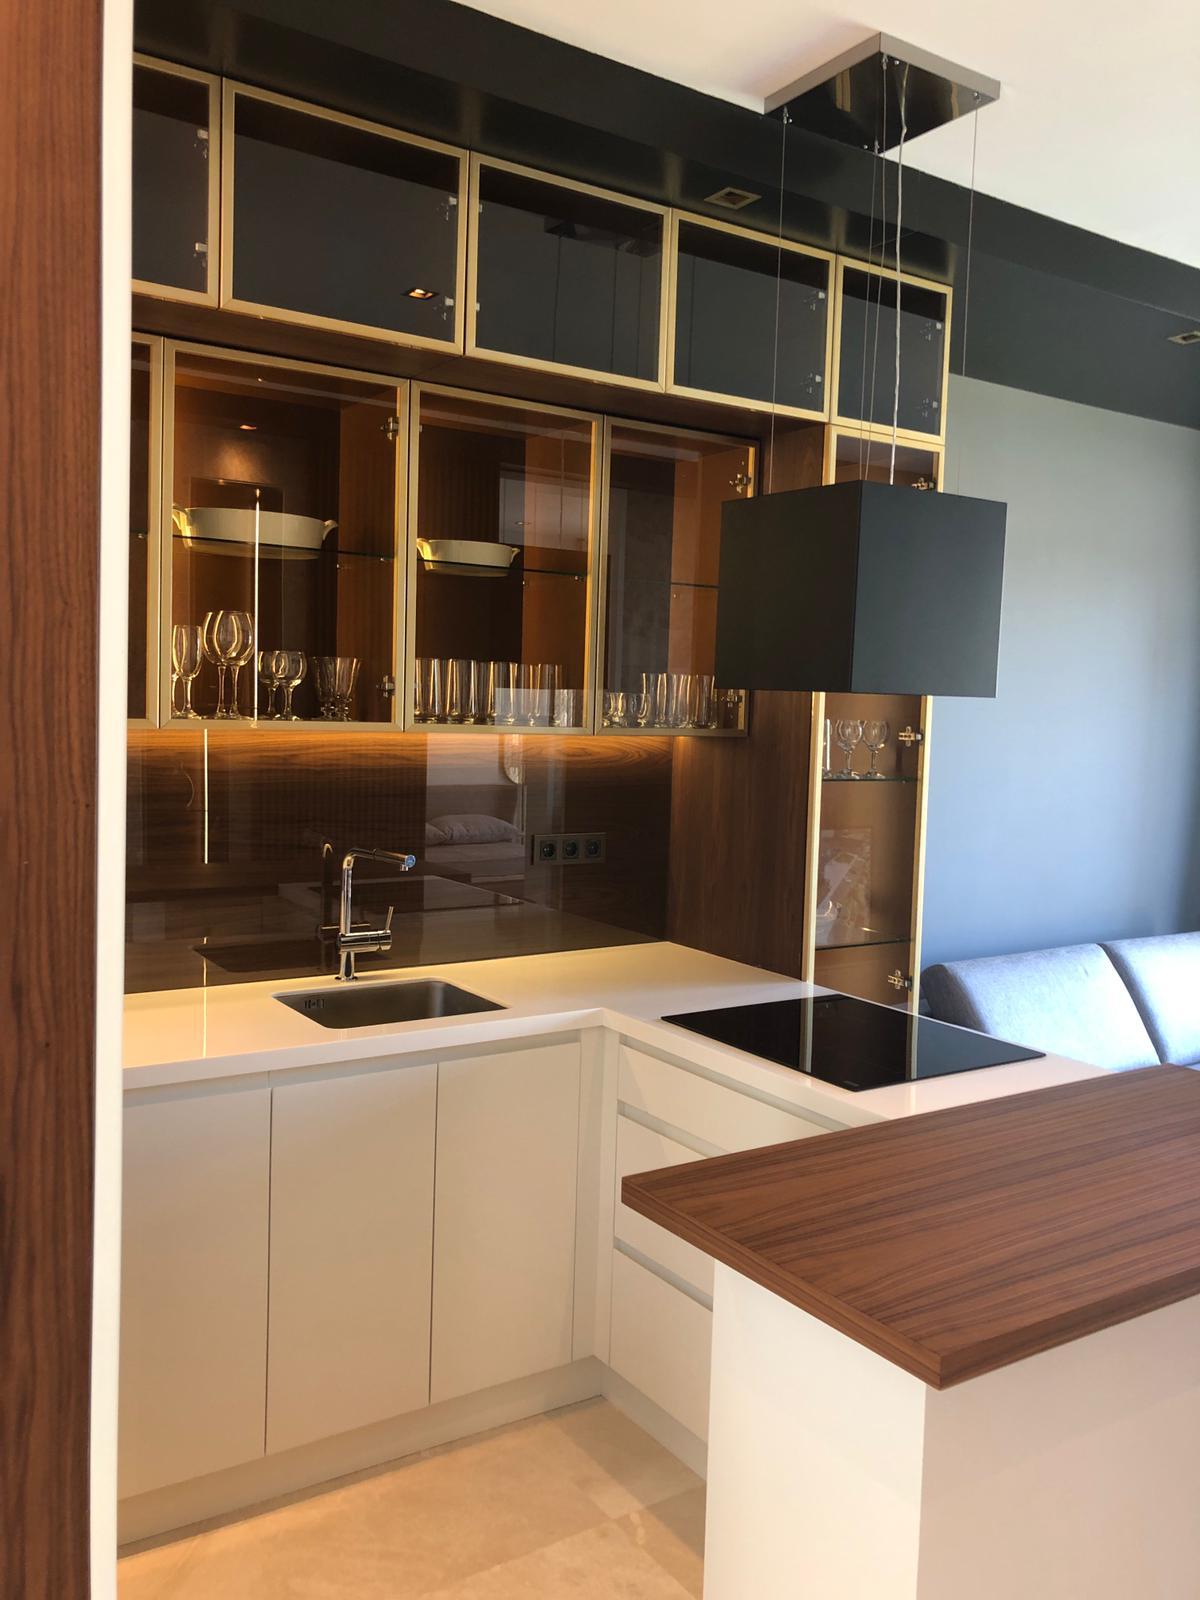 Резиденция класса люкс отельной концепции - Фото 2